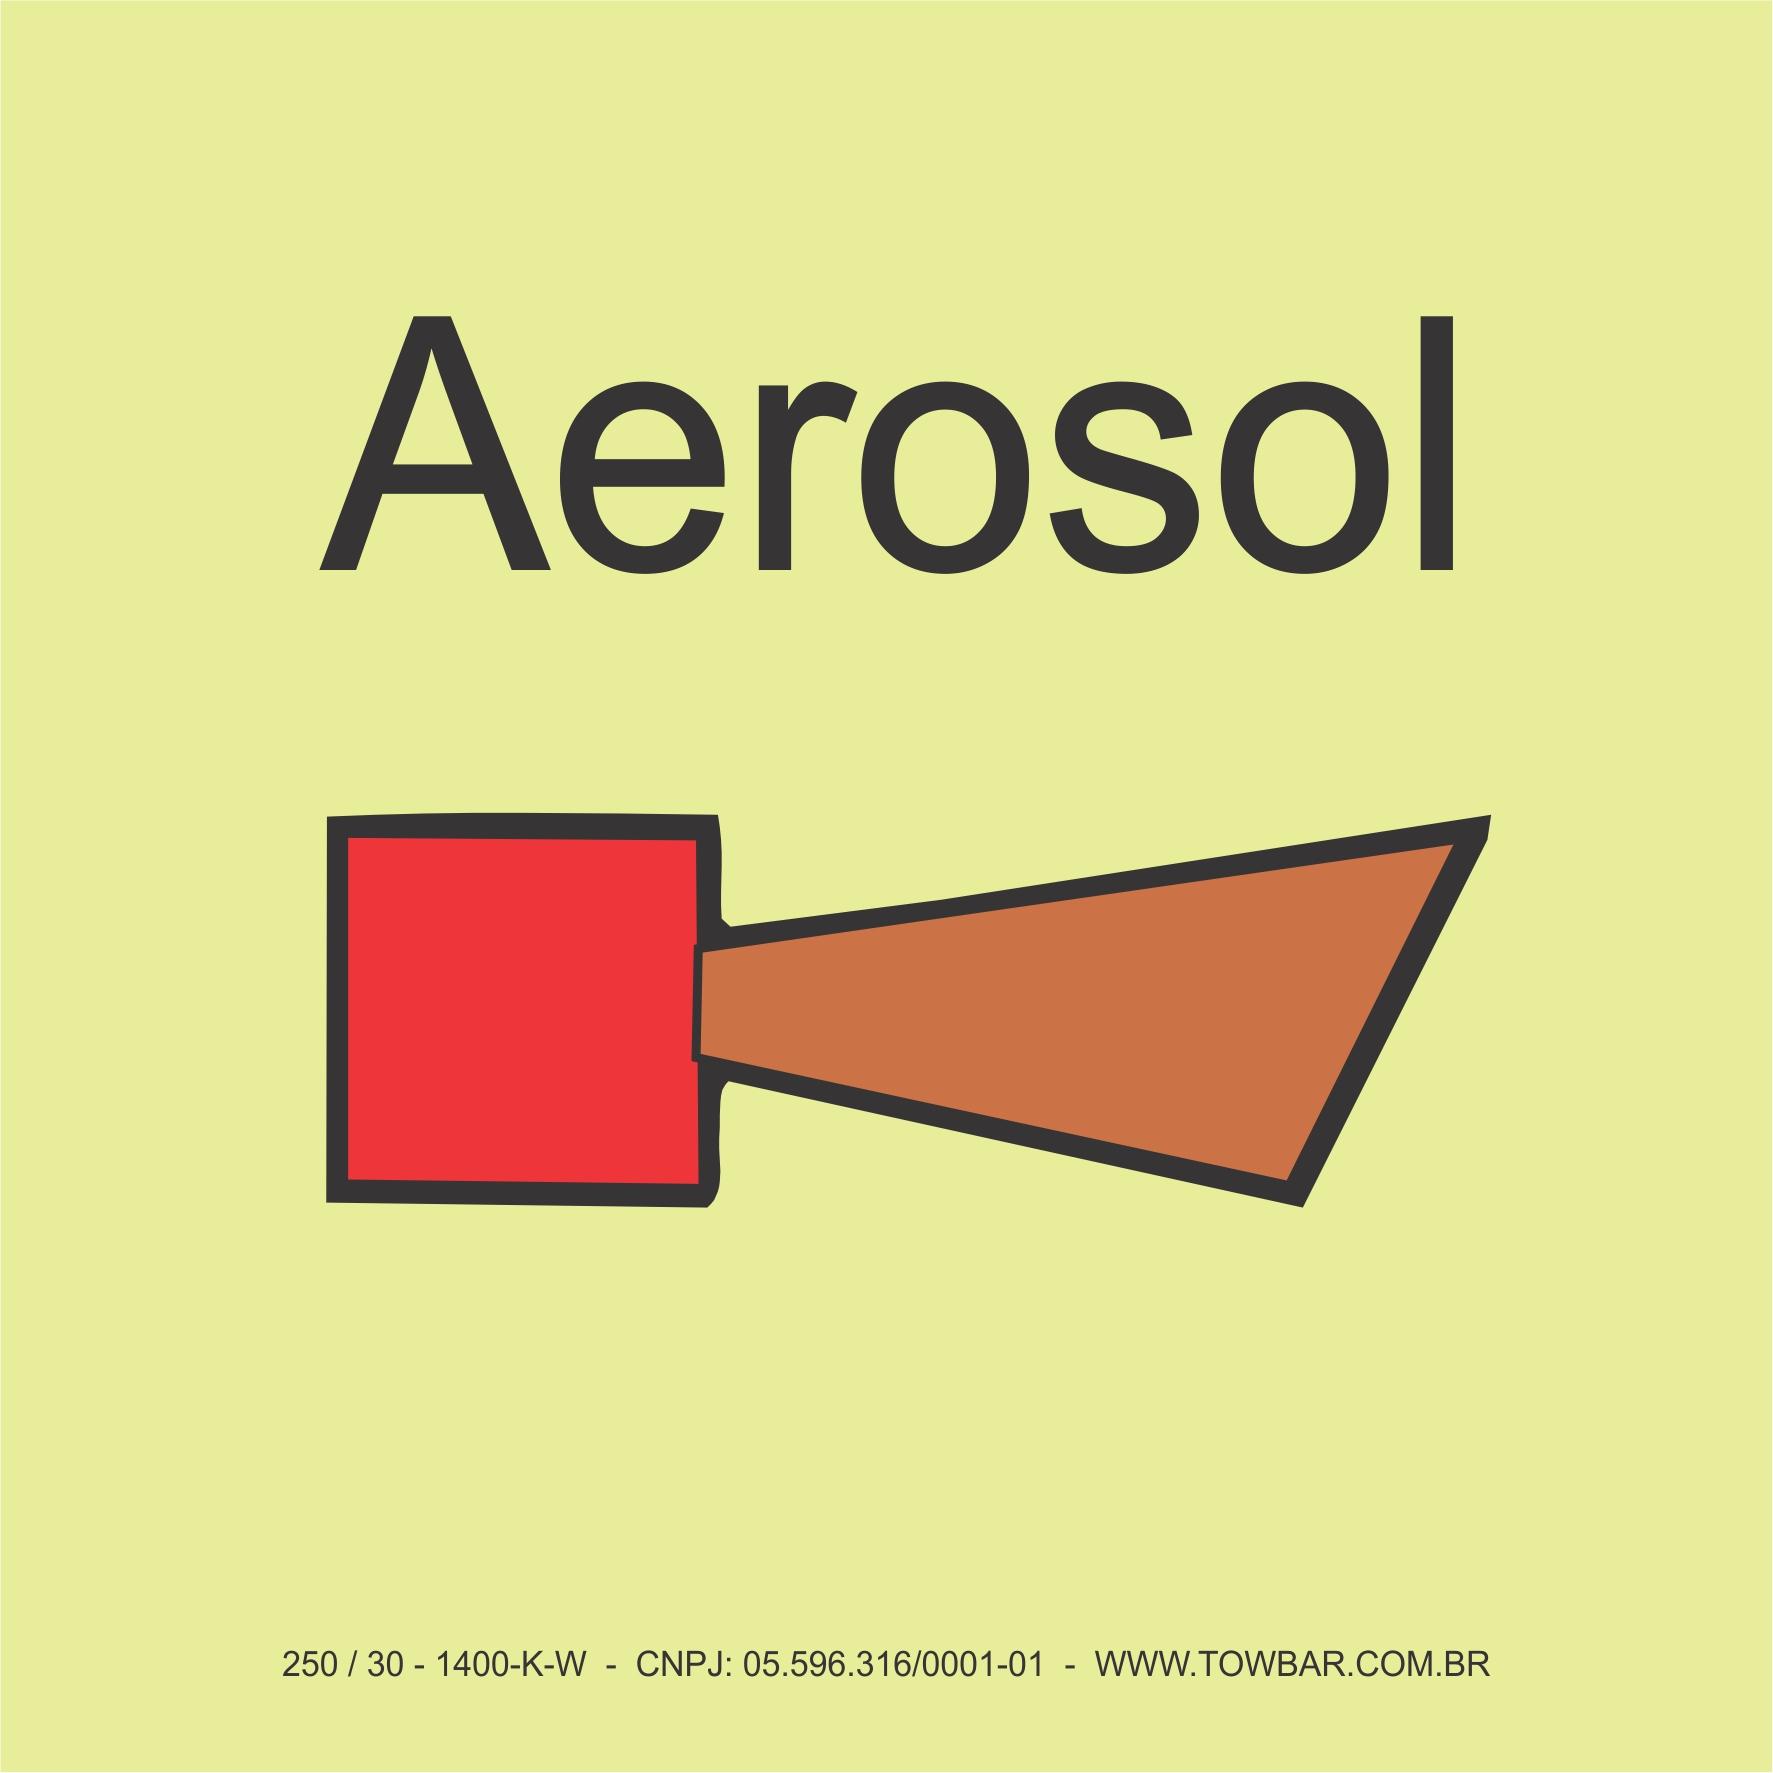 Alarme de incêndio aerosol (Alarm horn aerosol system)  - Towbar Sinalização de Segurança